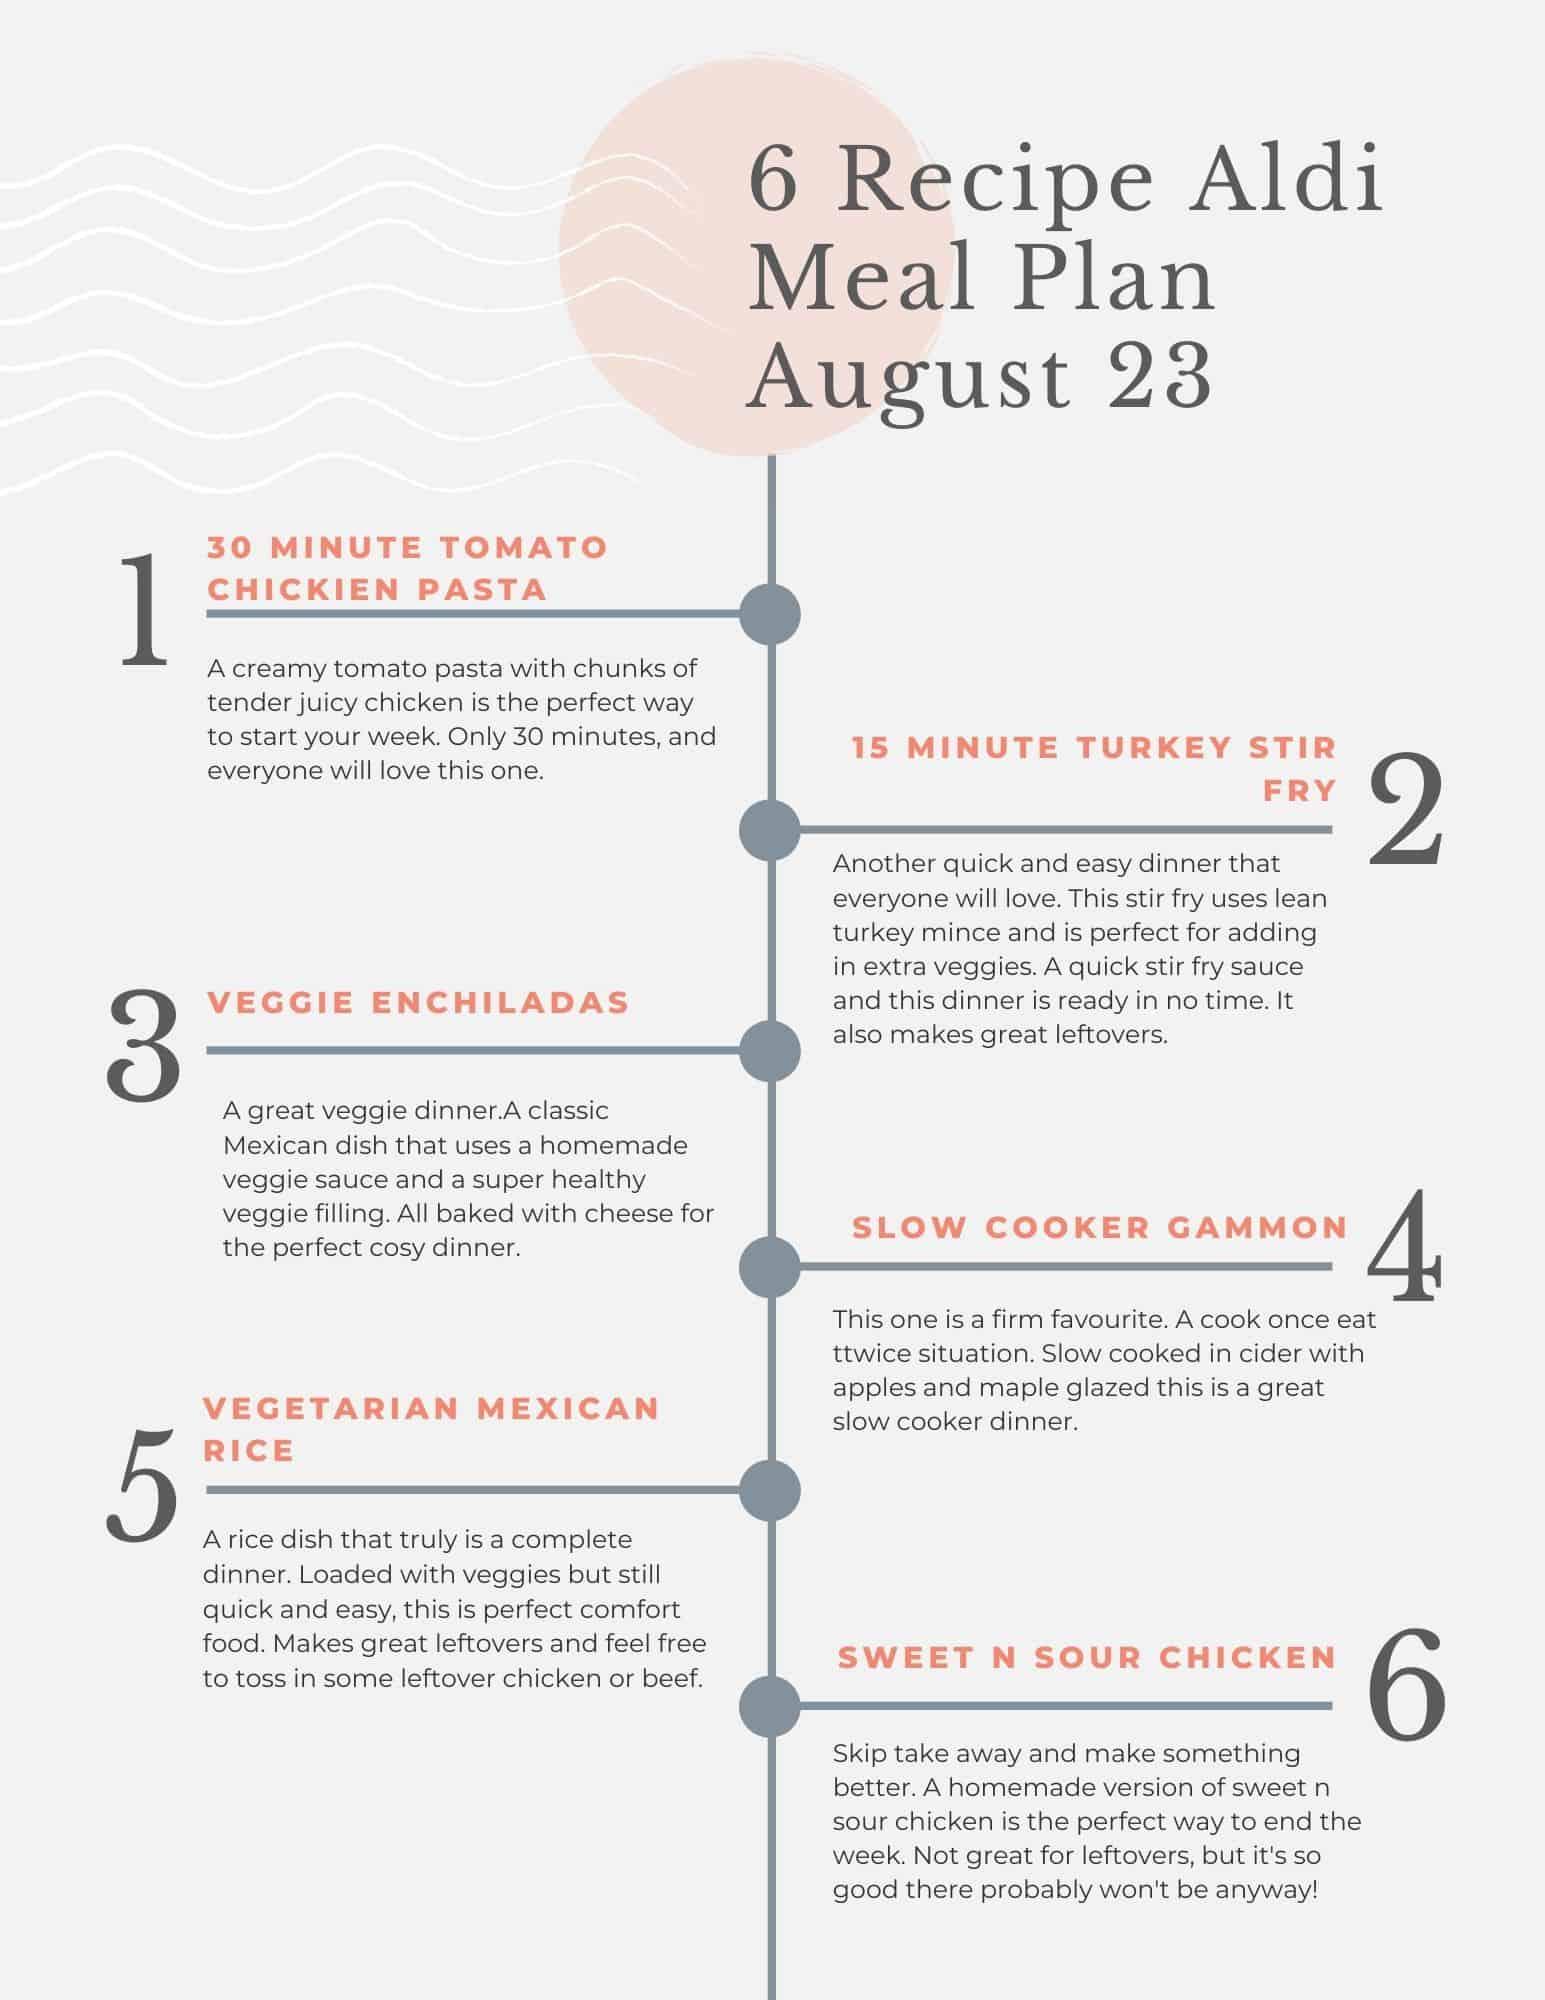 Aldi meal plan